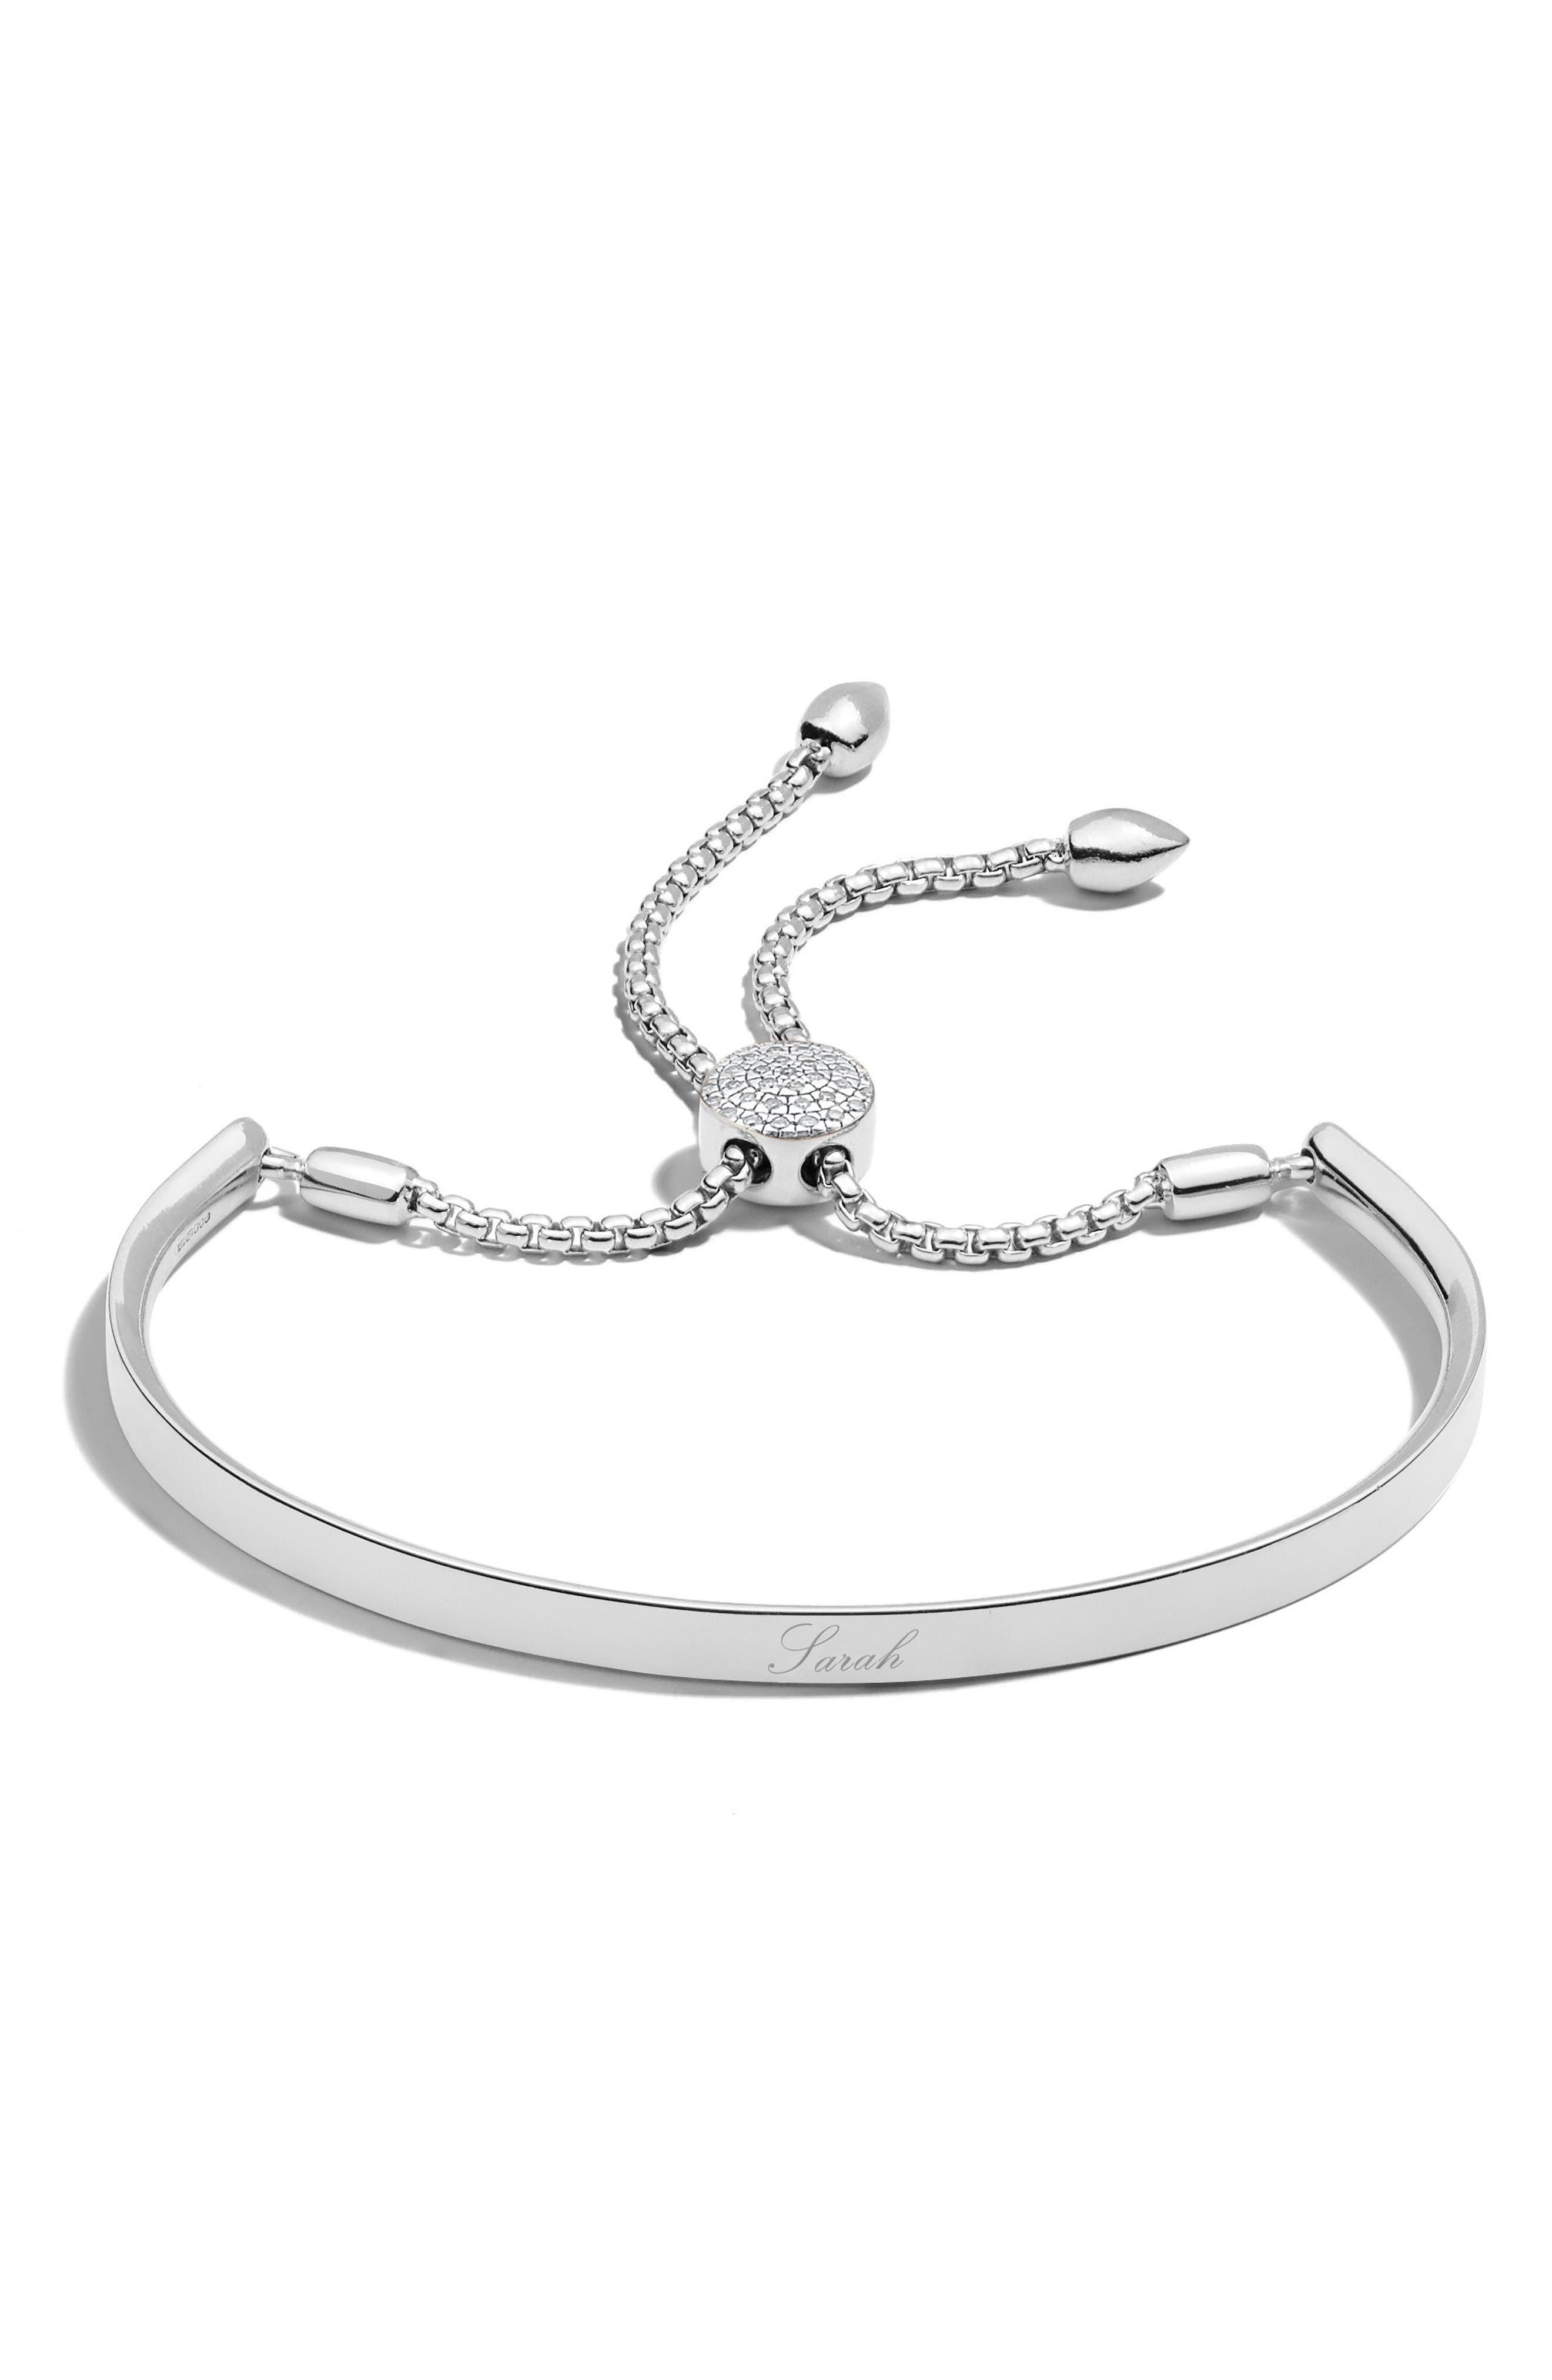 Engravable Fiji Diamond Toggle Bracelet,                             Alternate thumbnail 2, color,                             SILVER/ DIAMOND